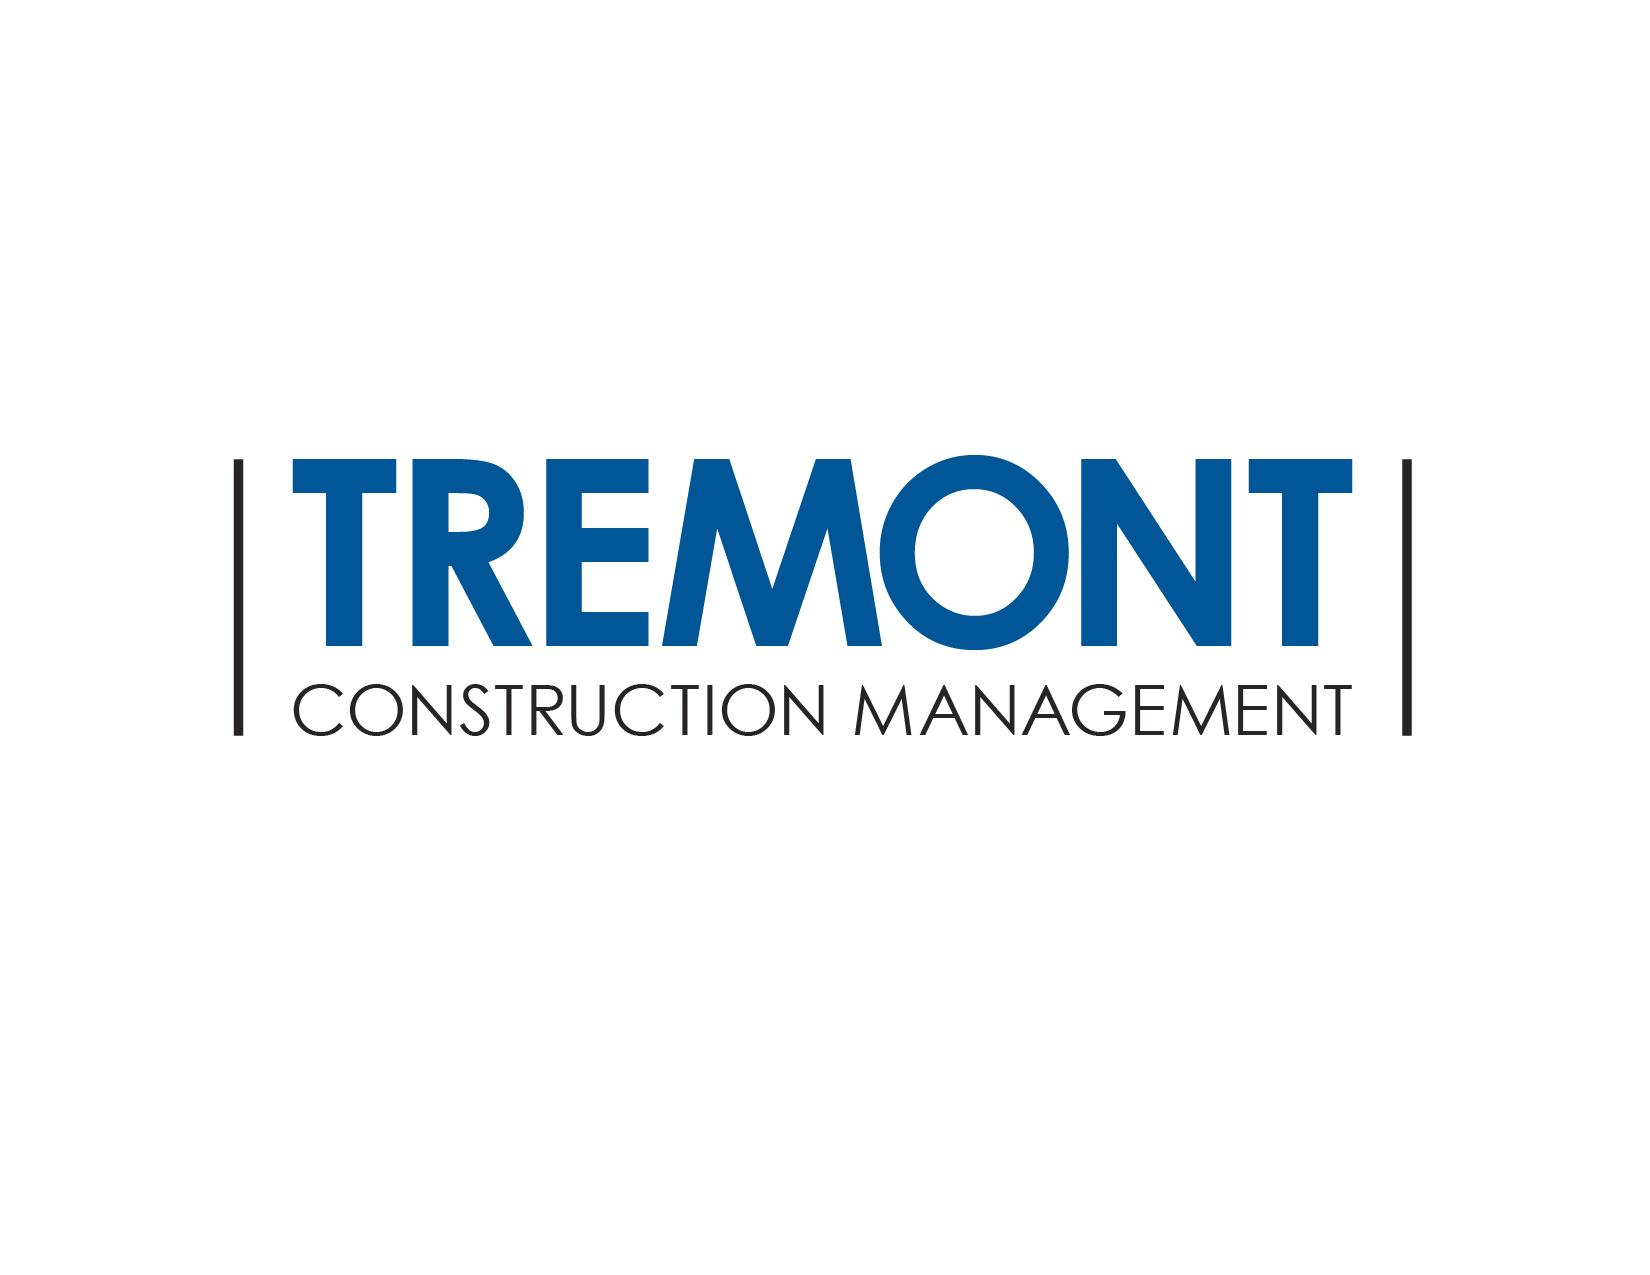 Tremont Construction Management  alt